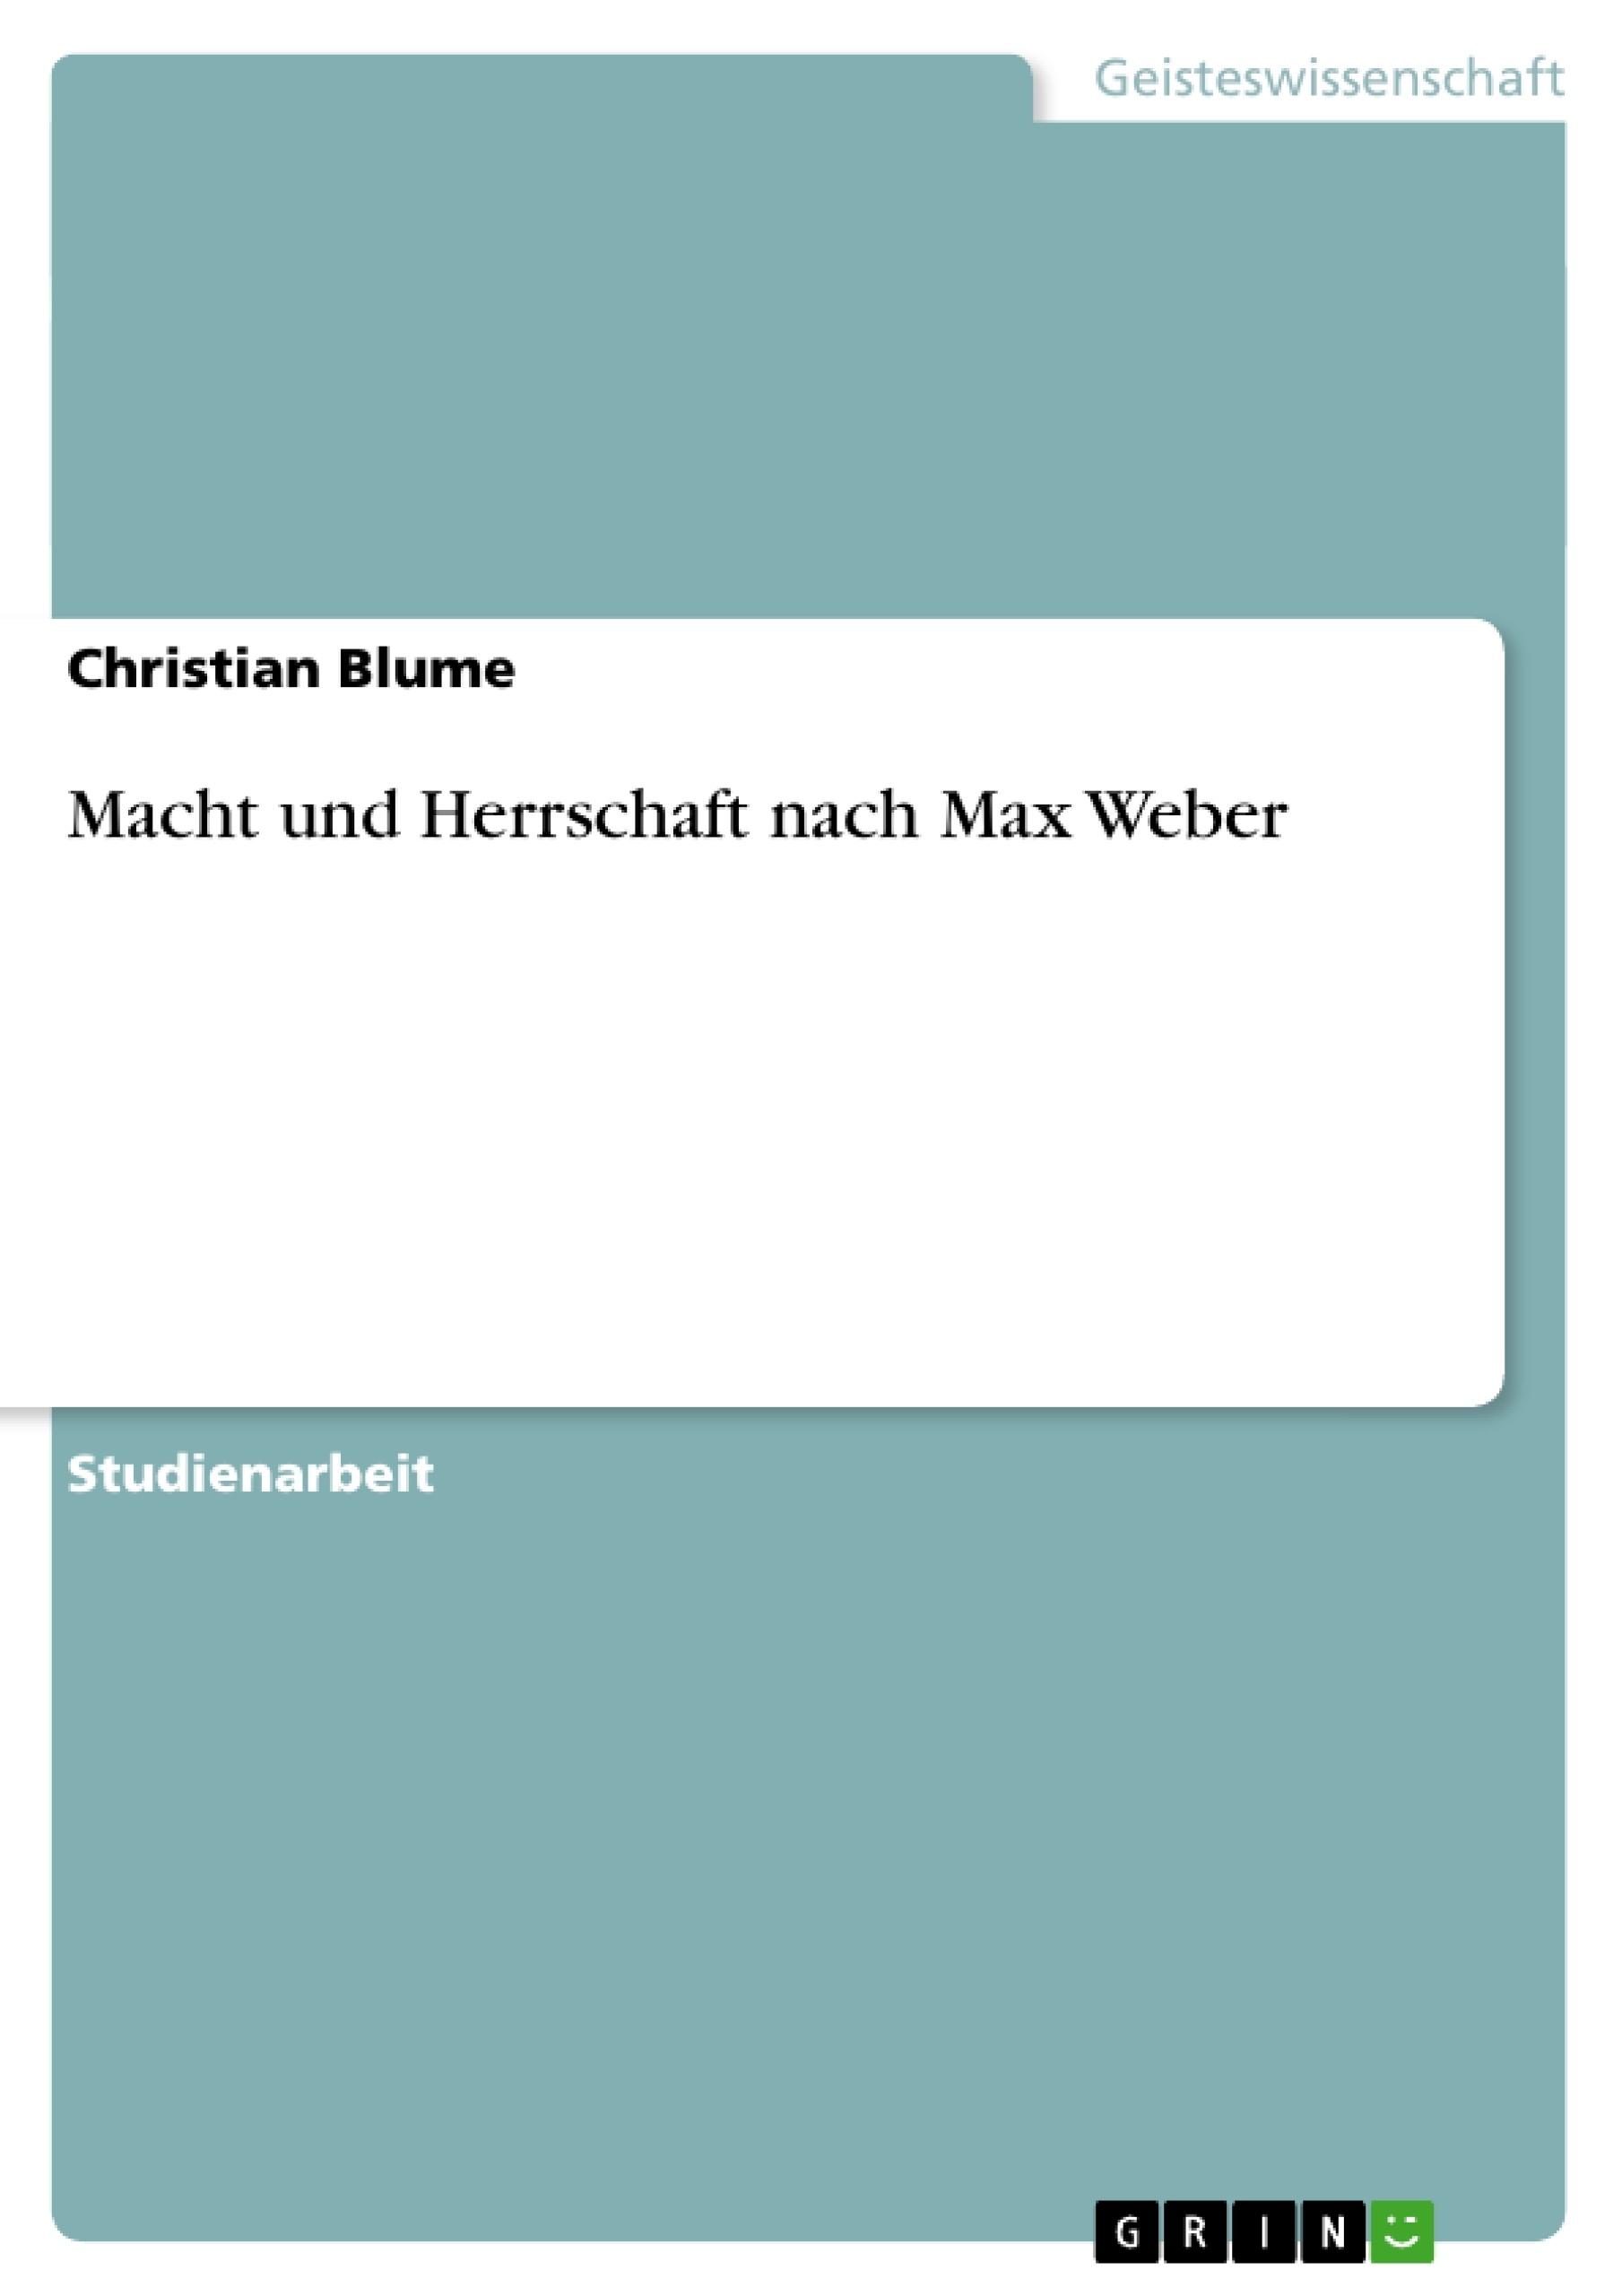 Titel: Macht und Herrschaft nach Max Weber